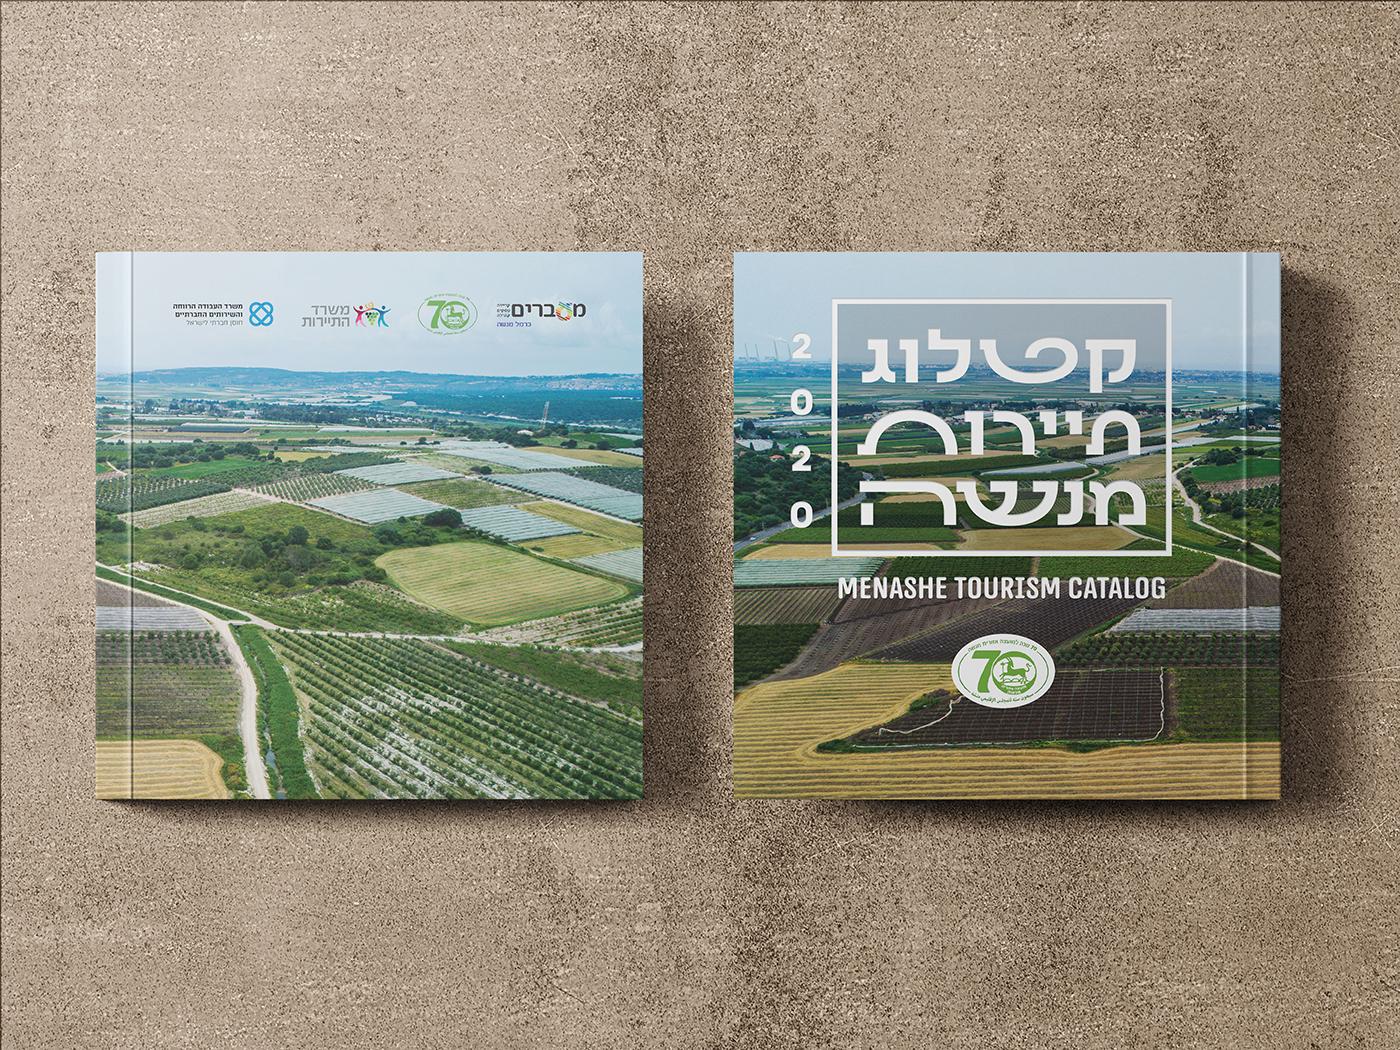 דפוס, עיצוב חוברת, עיצוב קטלוג, קטלוג תיירות, מועצה אזורית מנשה